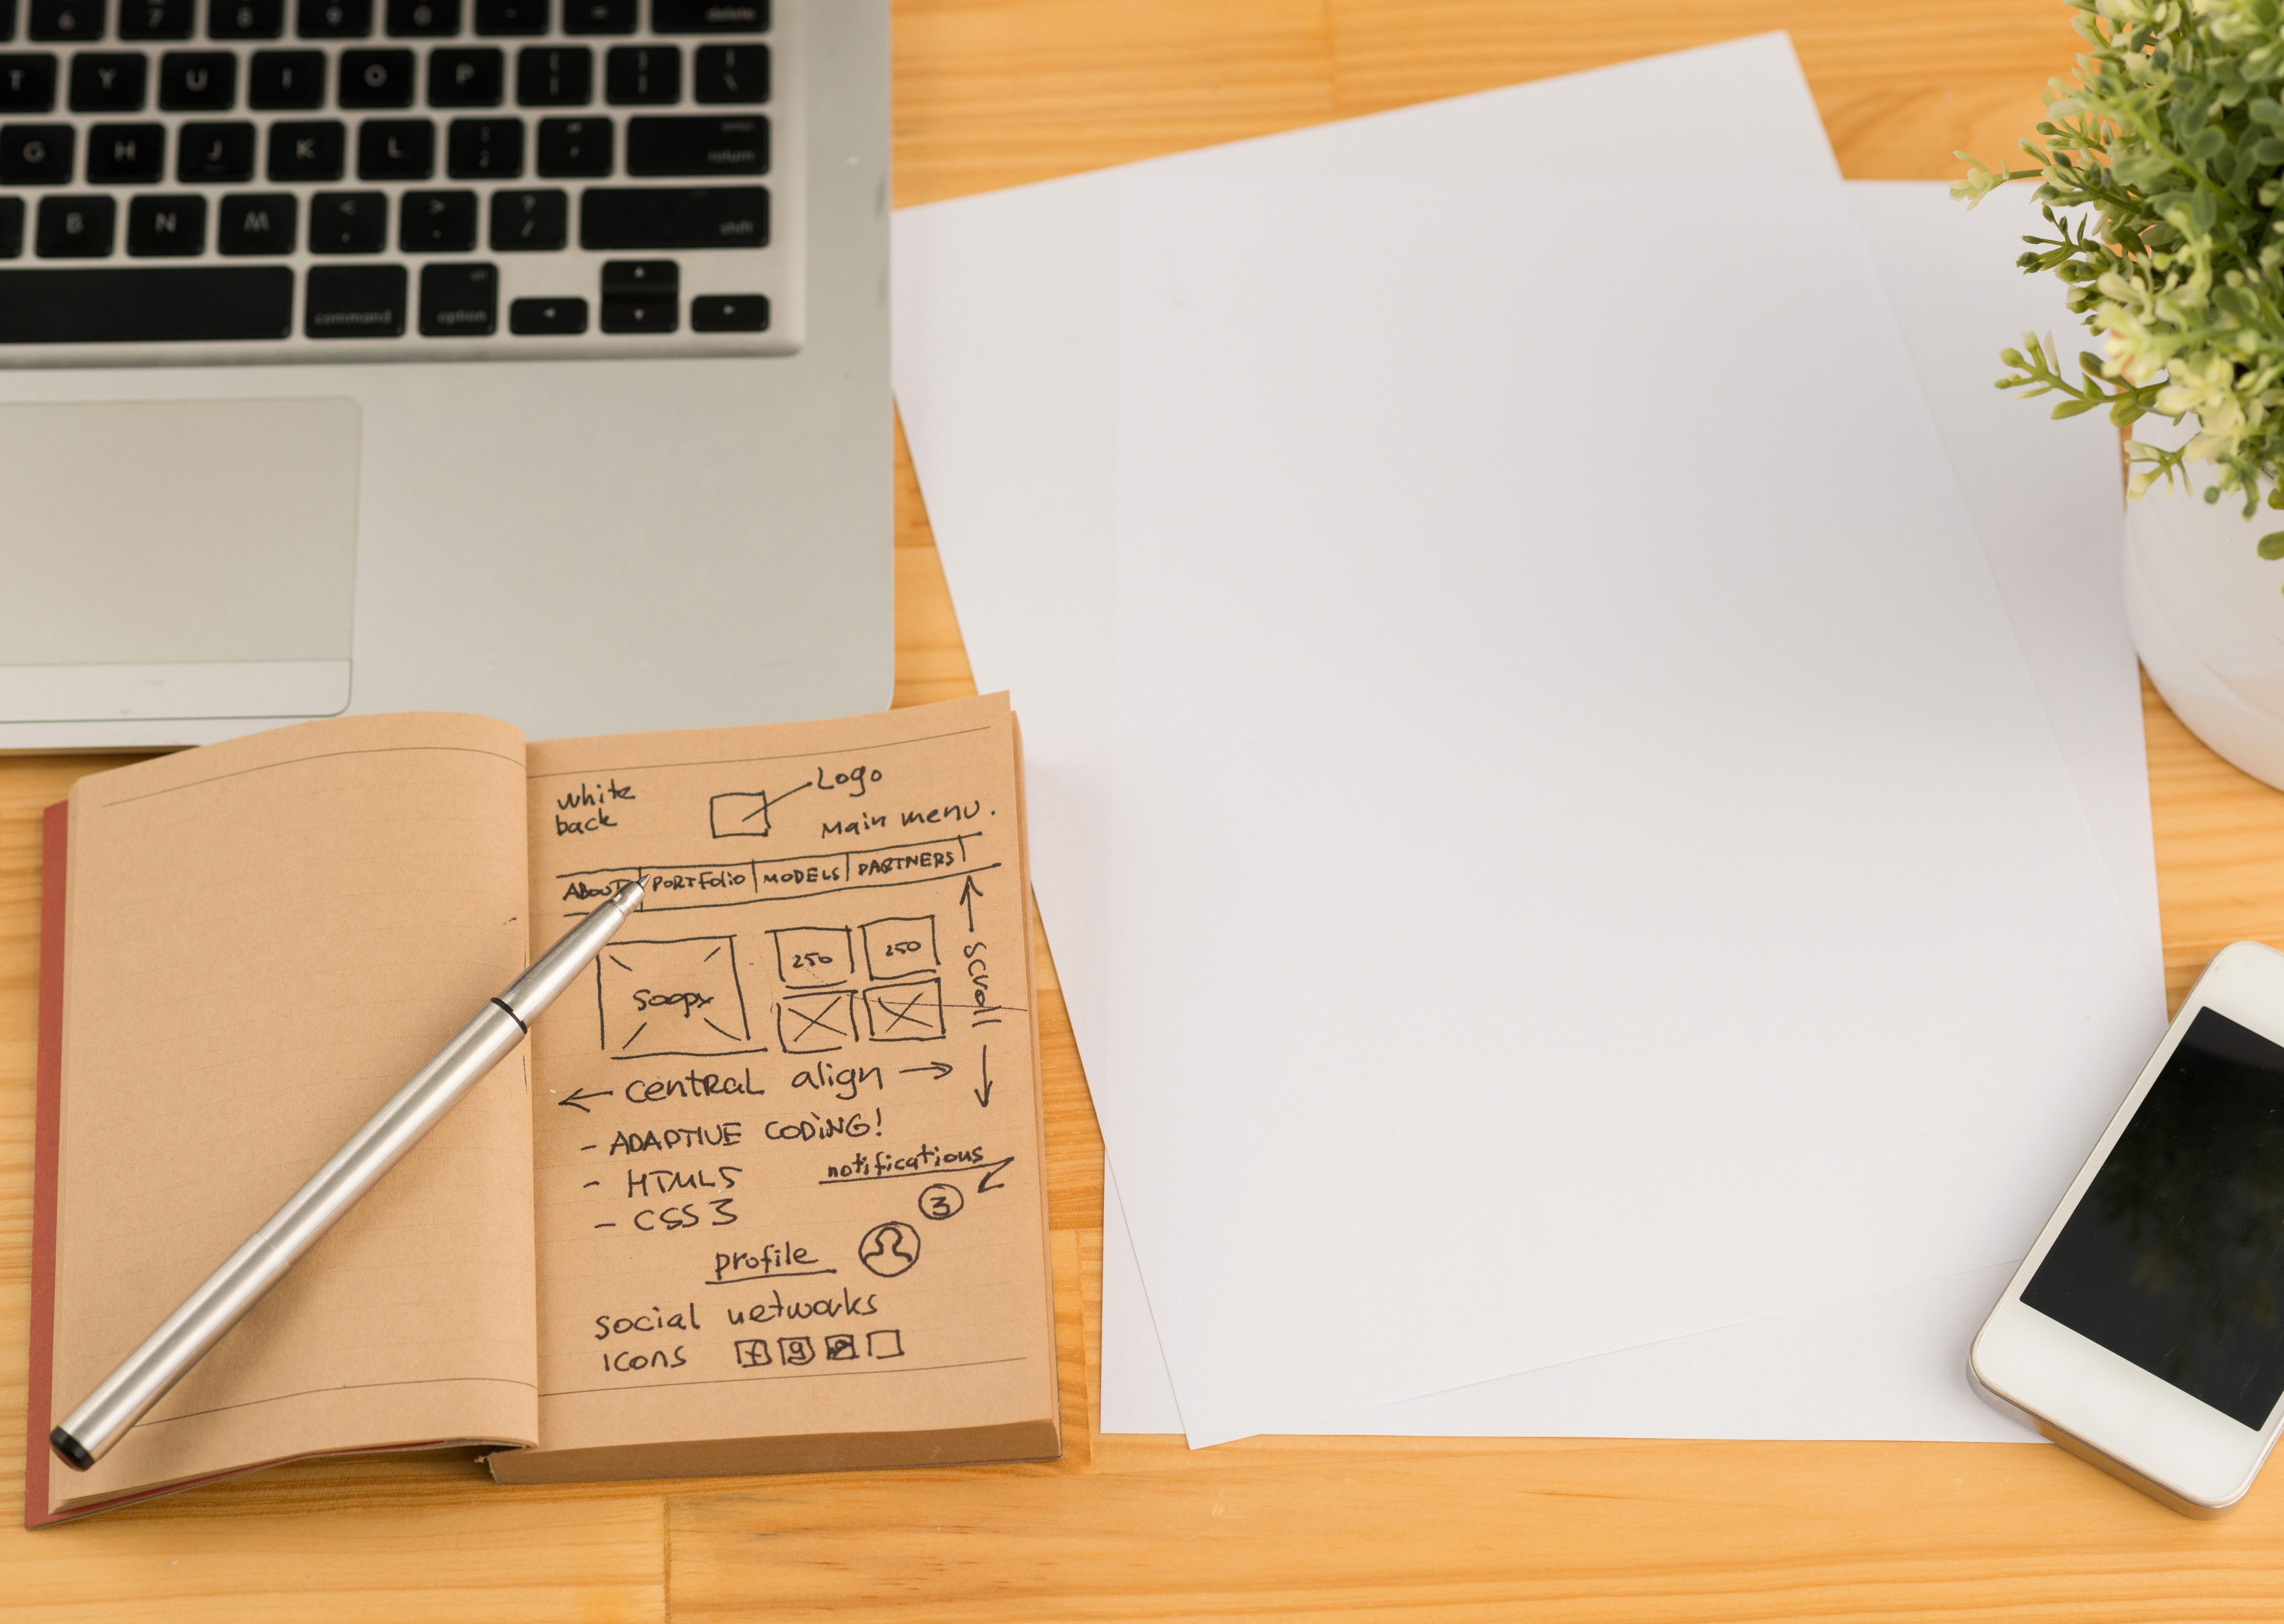 Organiza tus ideas y aplícalas: Checklist para proyectos creativos